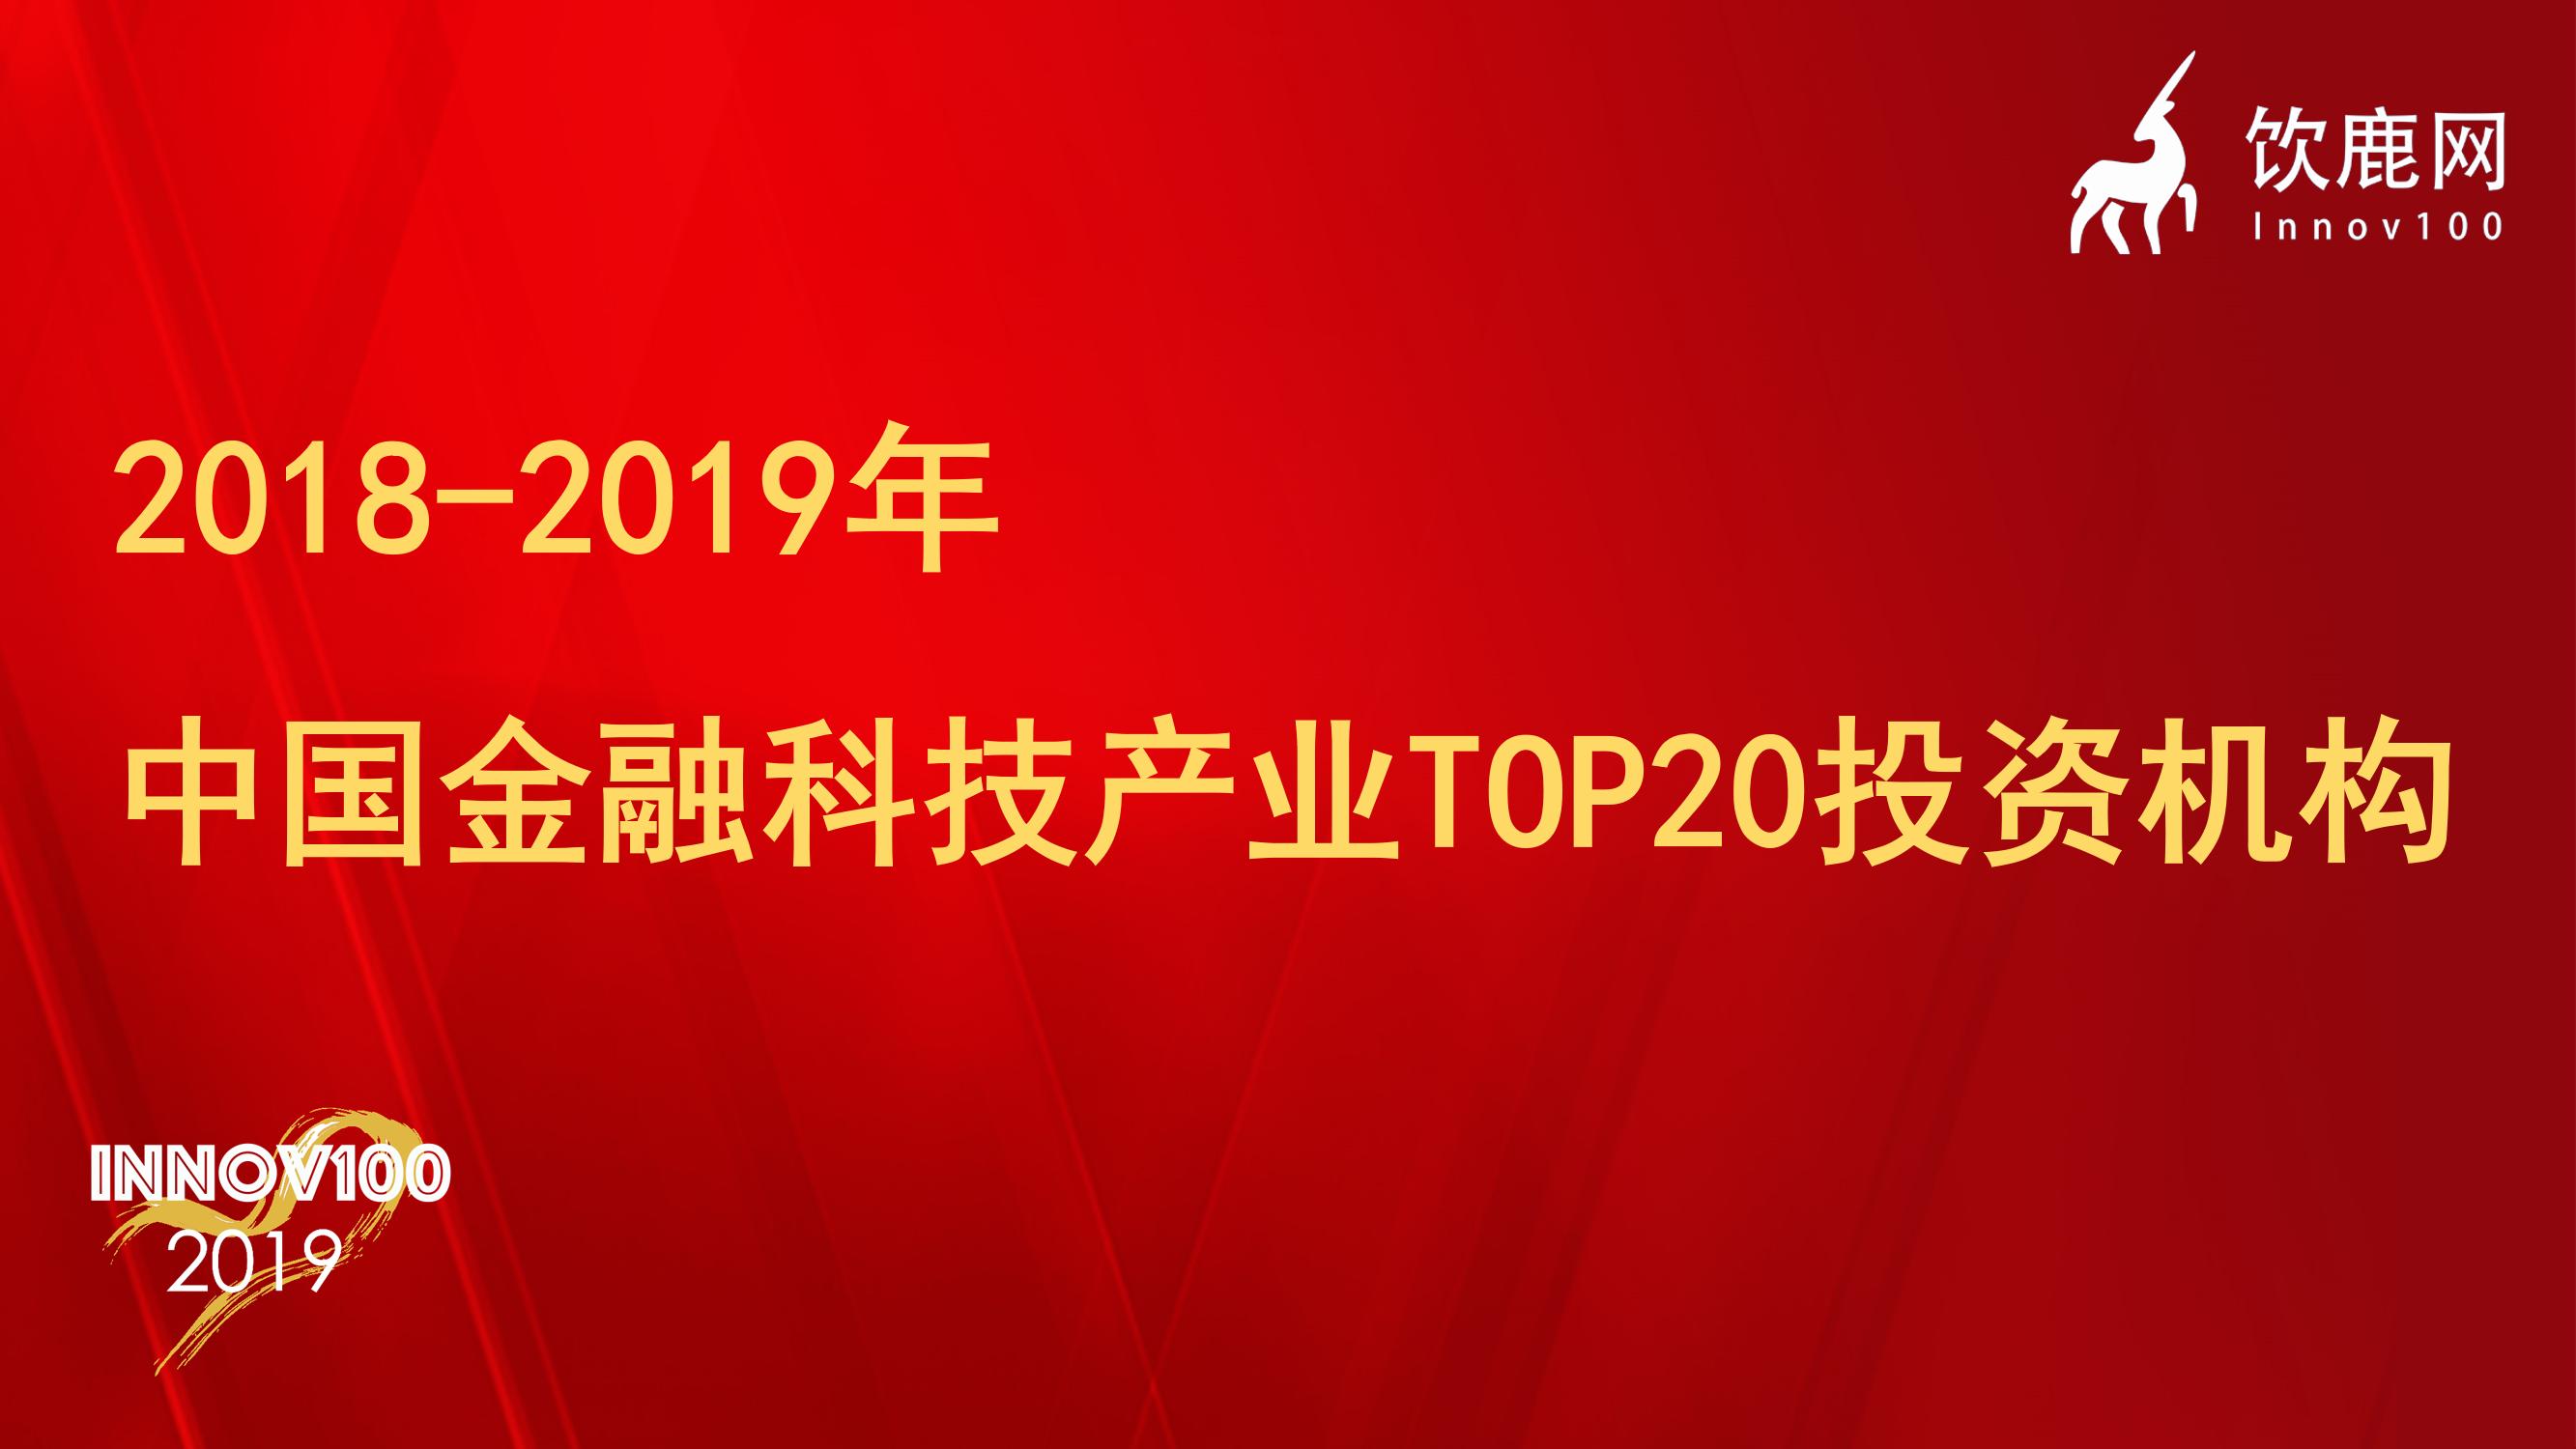 饮鹿网2018-2019年中国金融科技产业TOP20投资机构榜单发布!